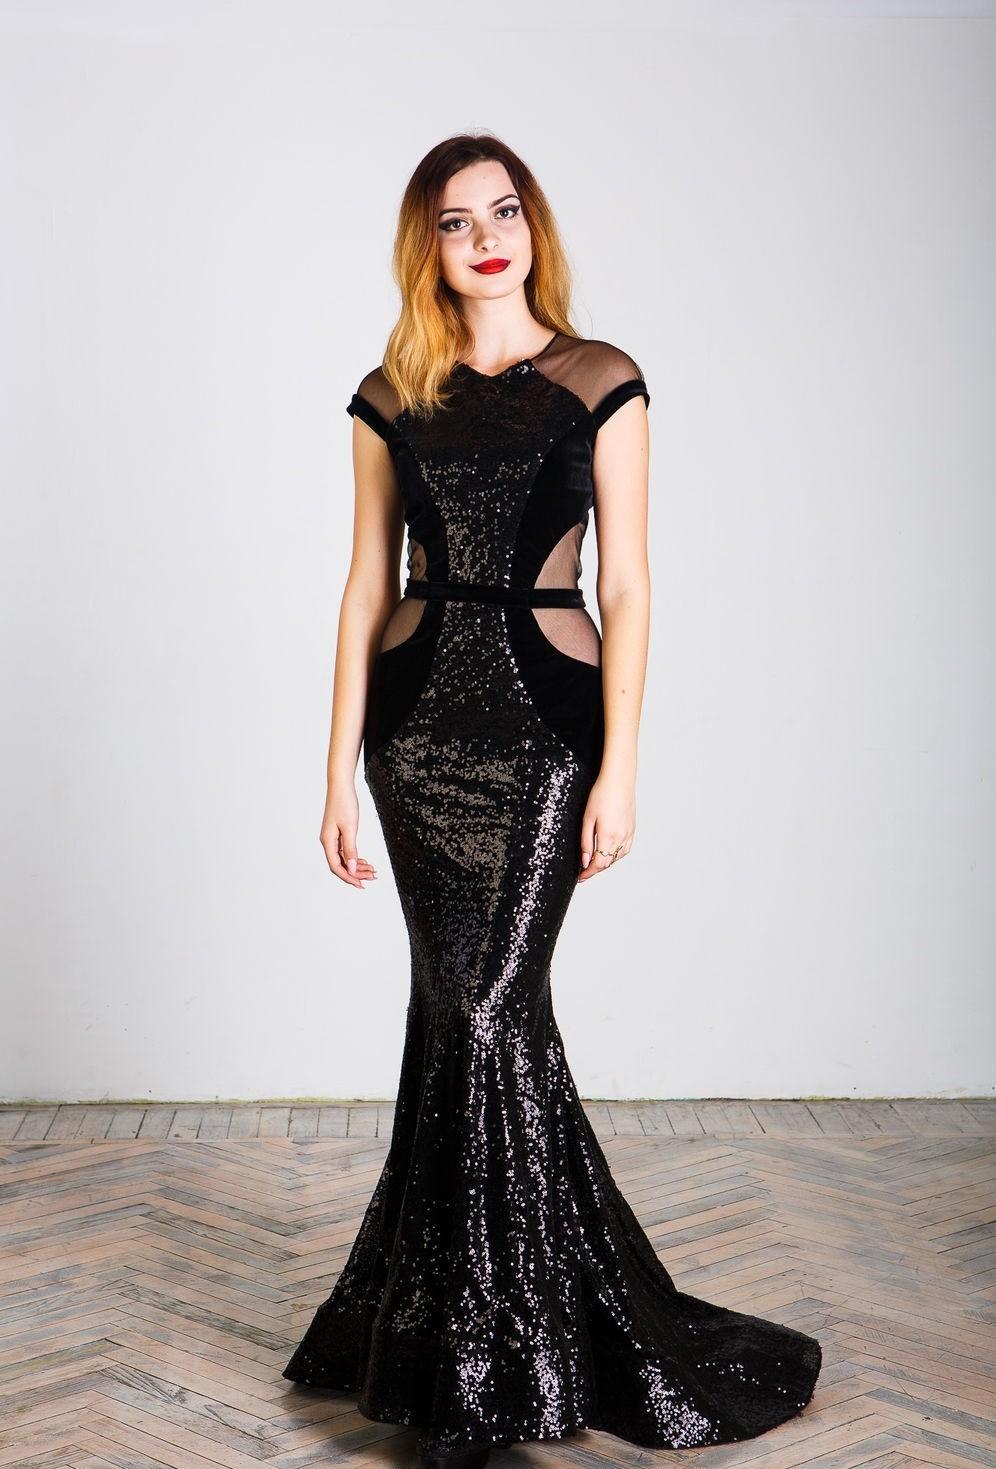 модное вечернее платье 2018 года русалка черное без рукава года тенденции фото новинки тренды